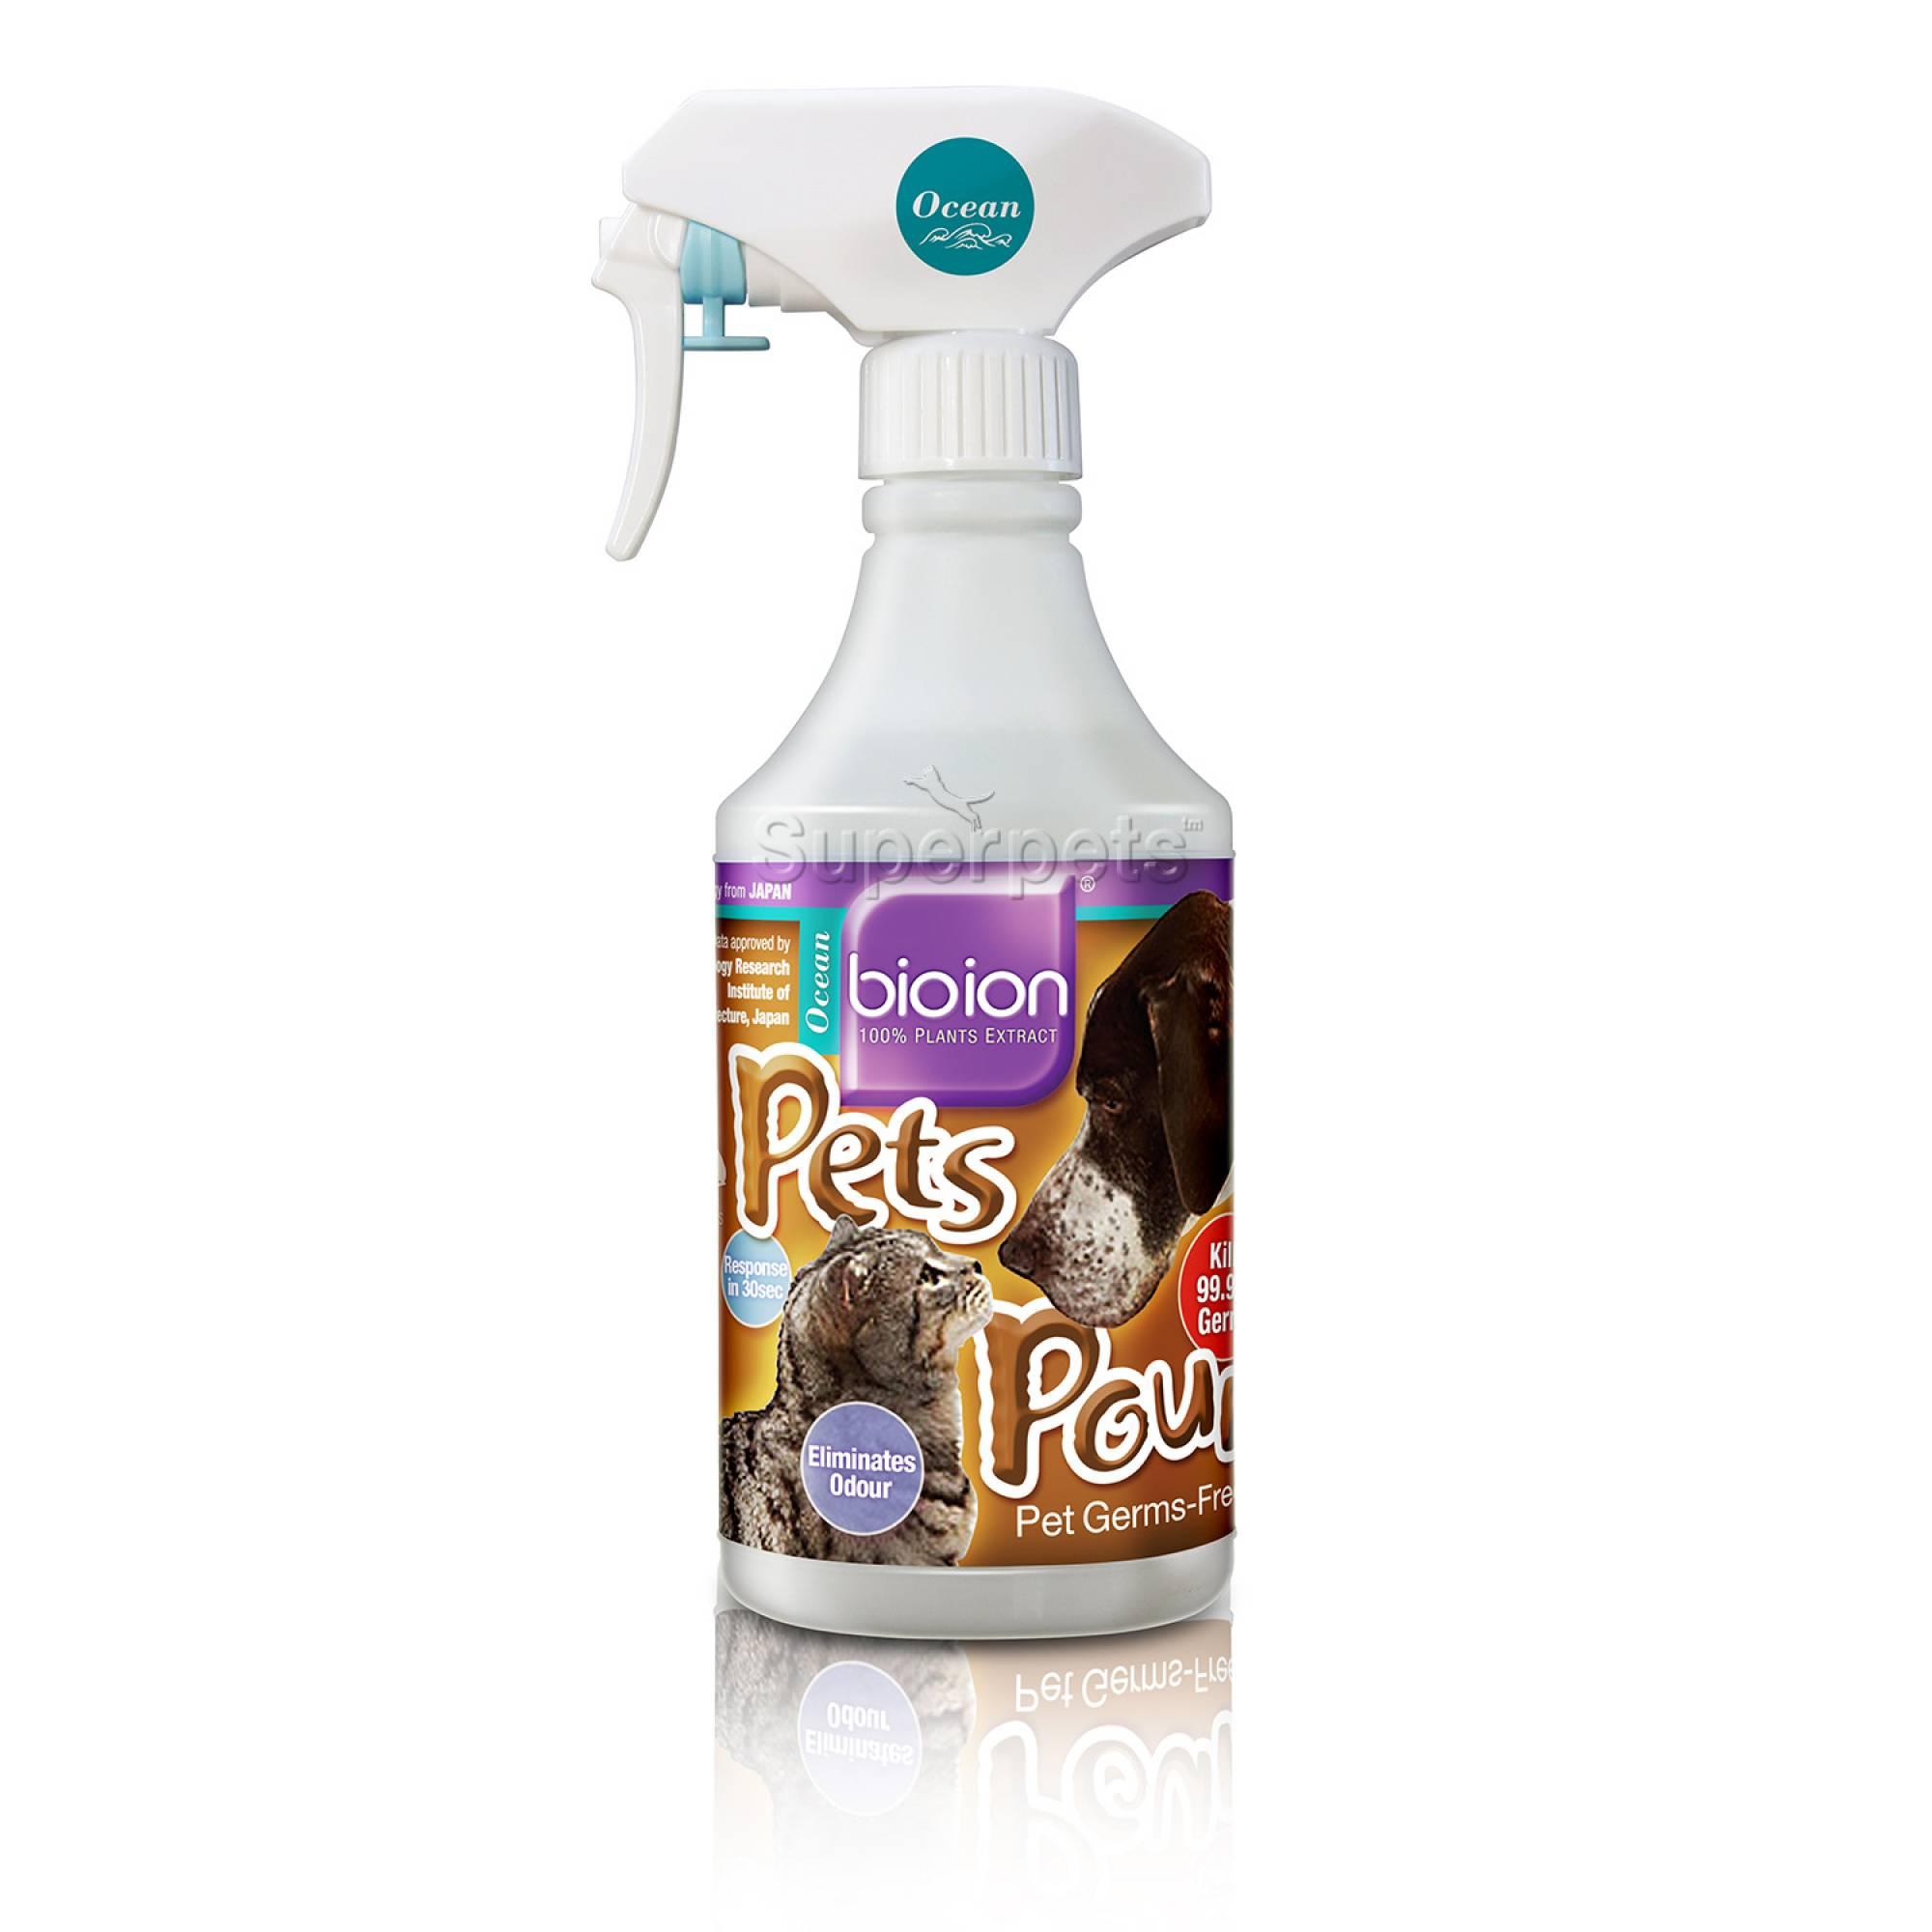 Bioion Pets Pounce Pets Sanitizer Ocean 500ml